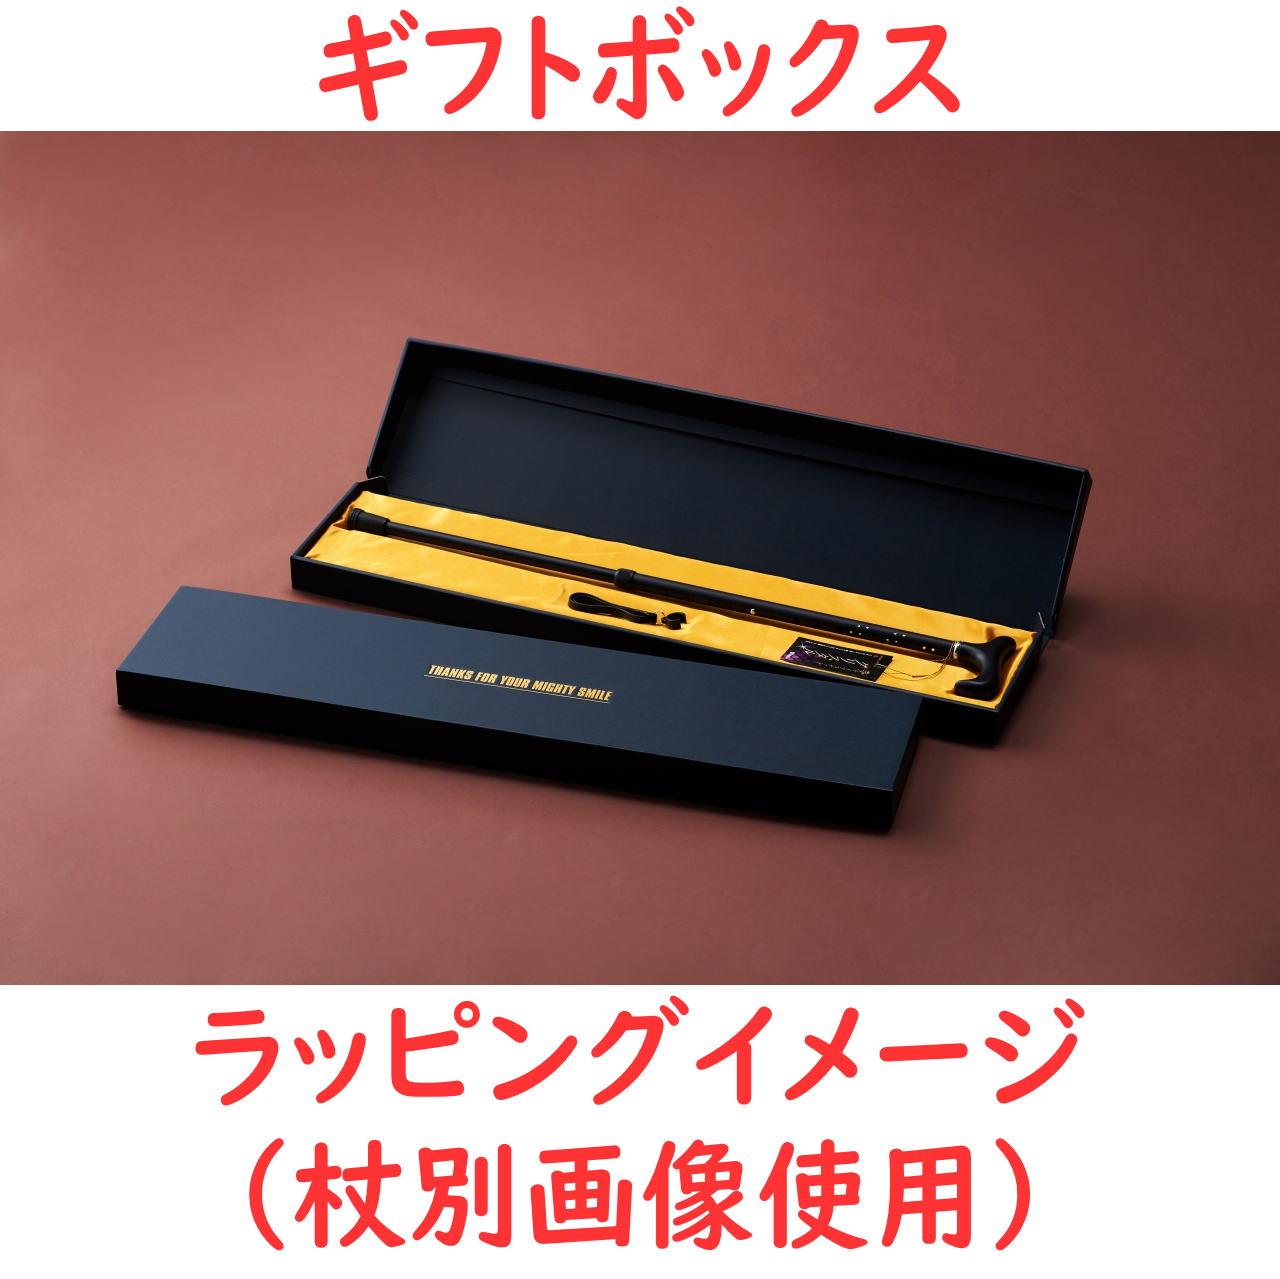 ☆ギフトボックス可☆ 夢ライフステッキ 伸縮型(スリムタイプ) ブラウン